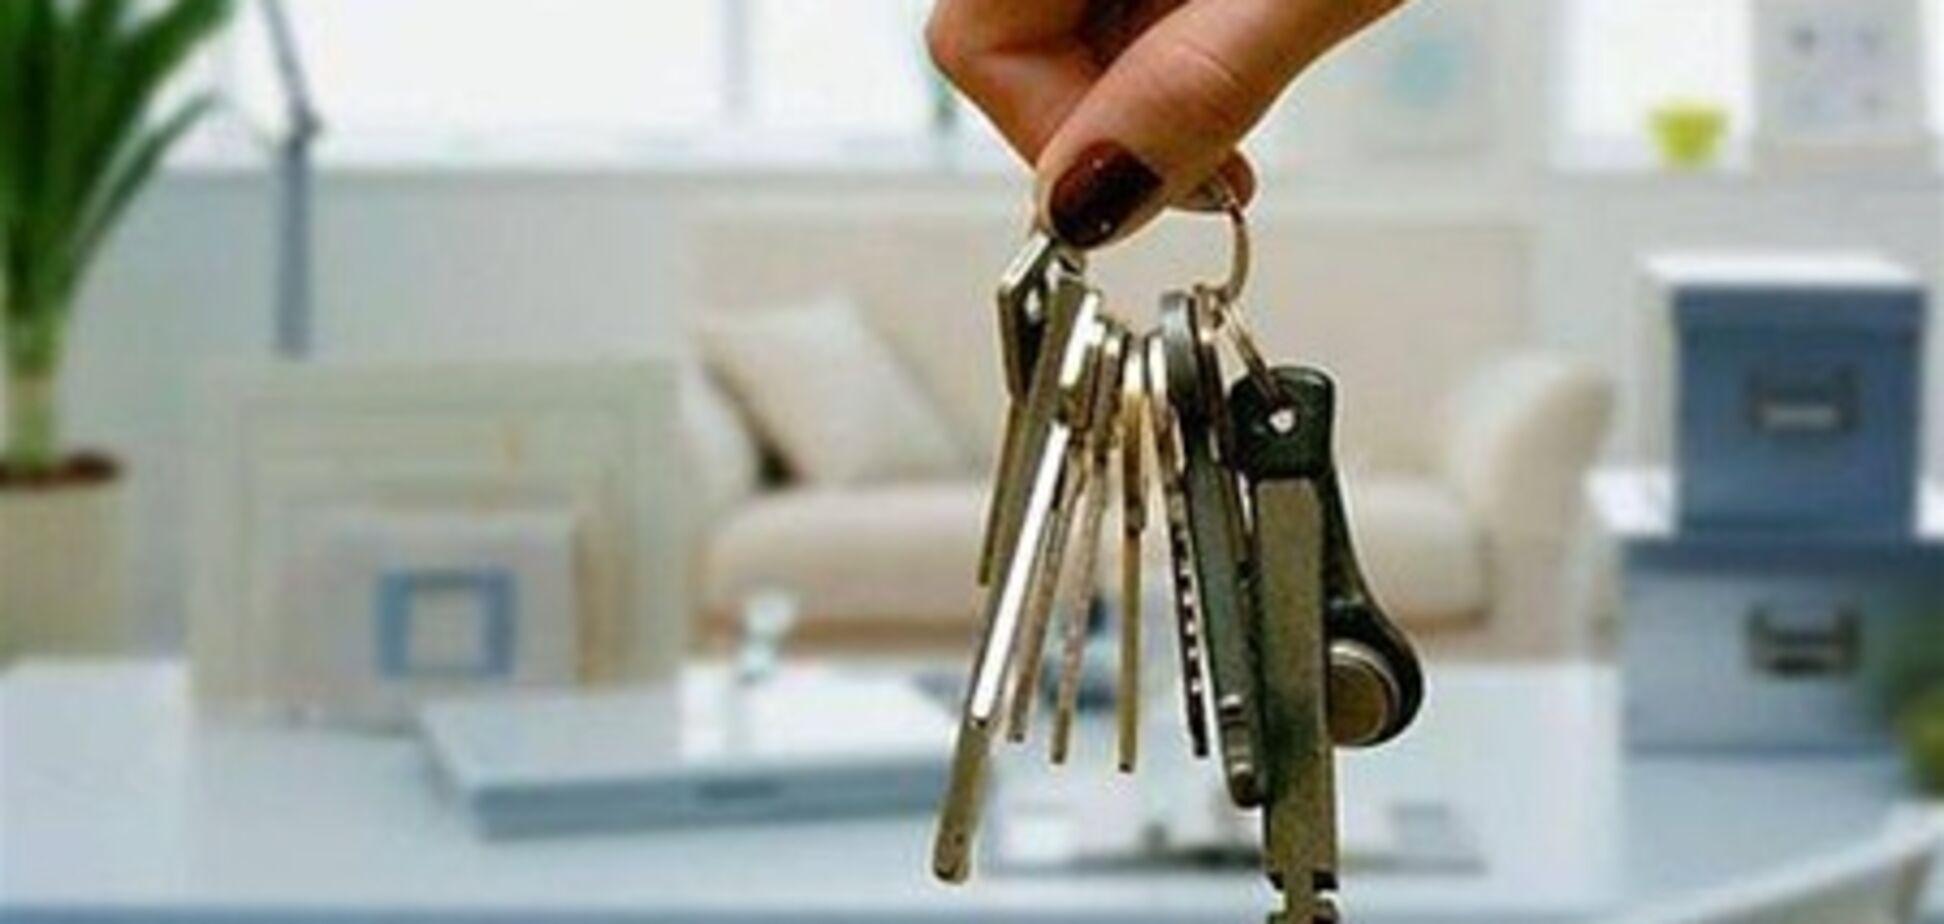 Цена за аренду квартиры в Киеве выросла на 1,38%